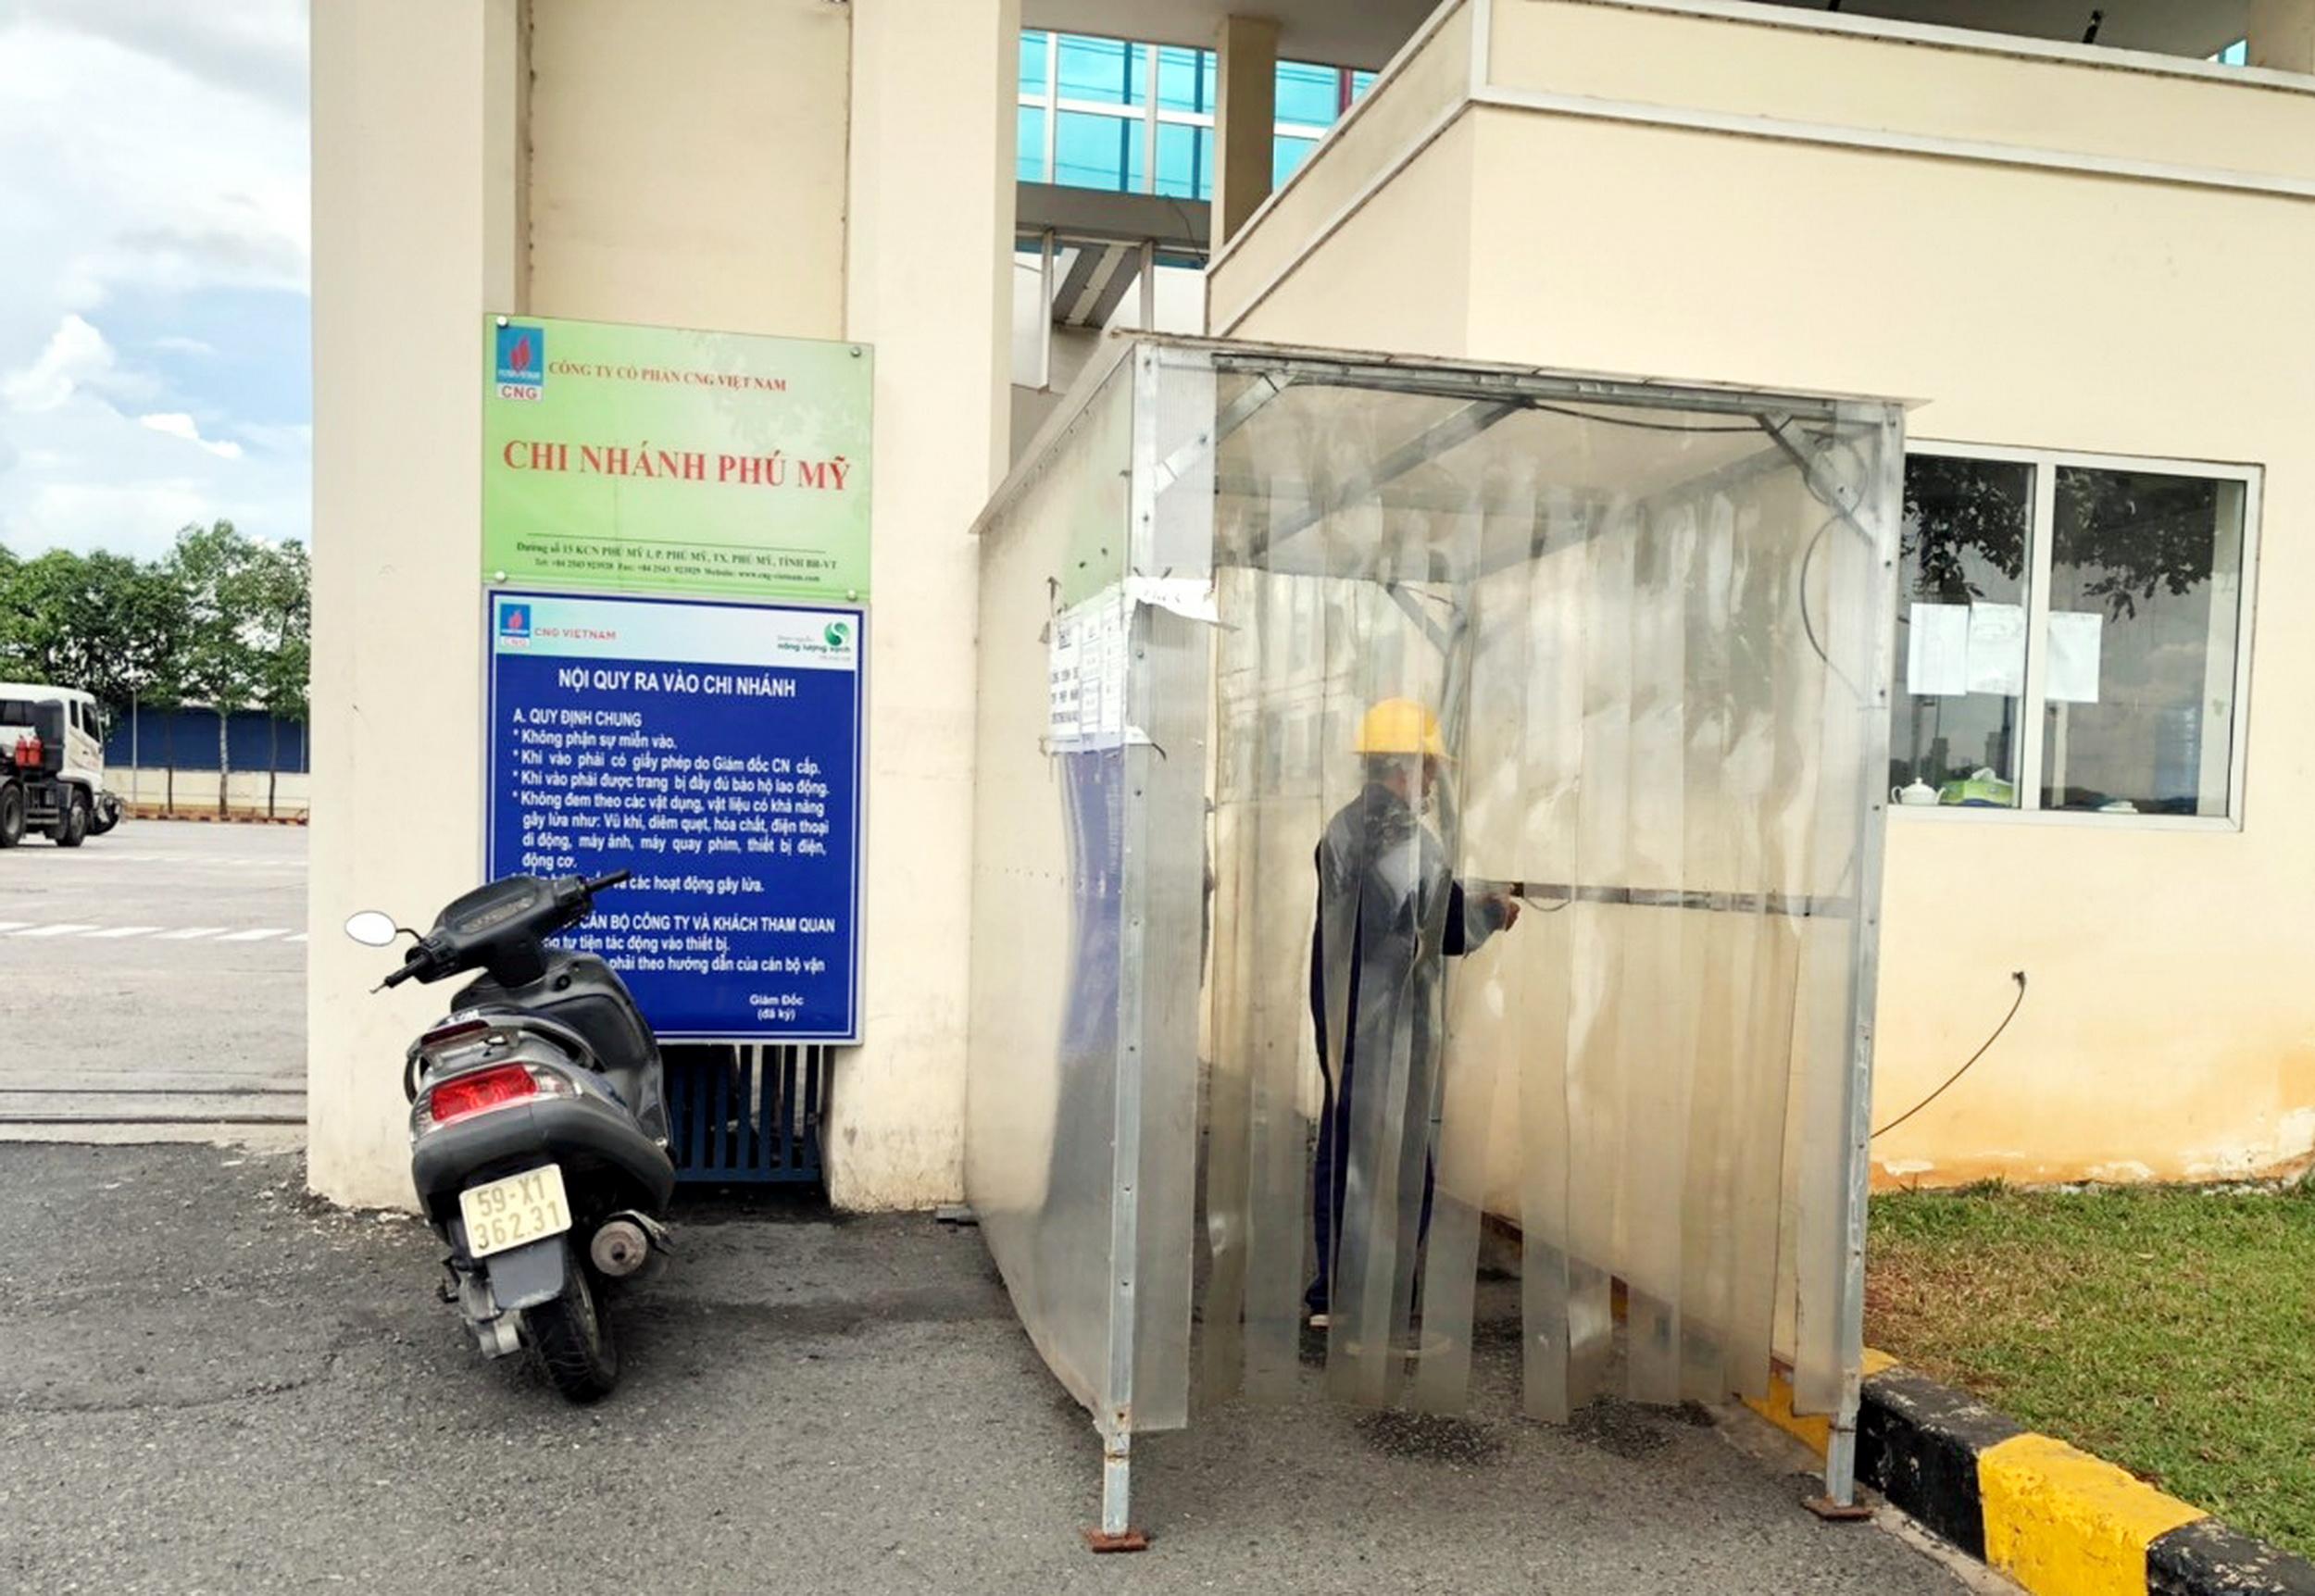 Buồng khử khuẩn được đặt tại cửa các công trình khí để yêu cầu sát khuẩn người vào